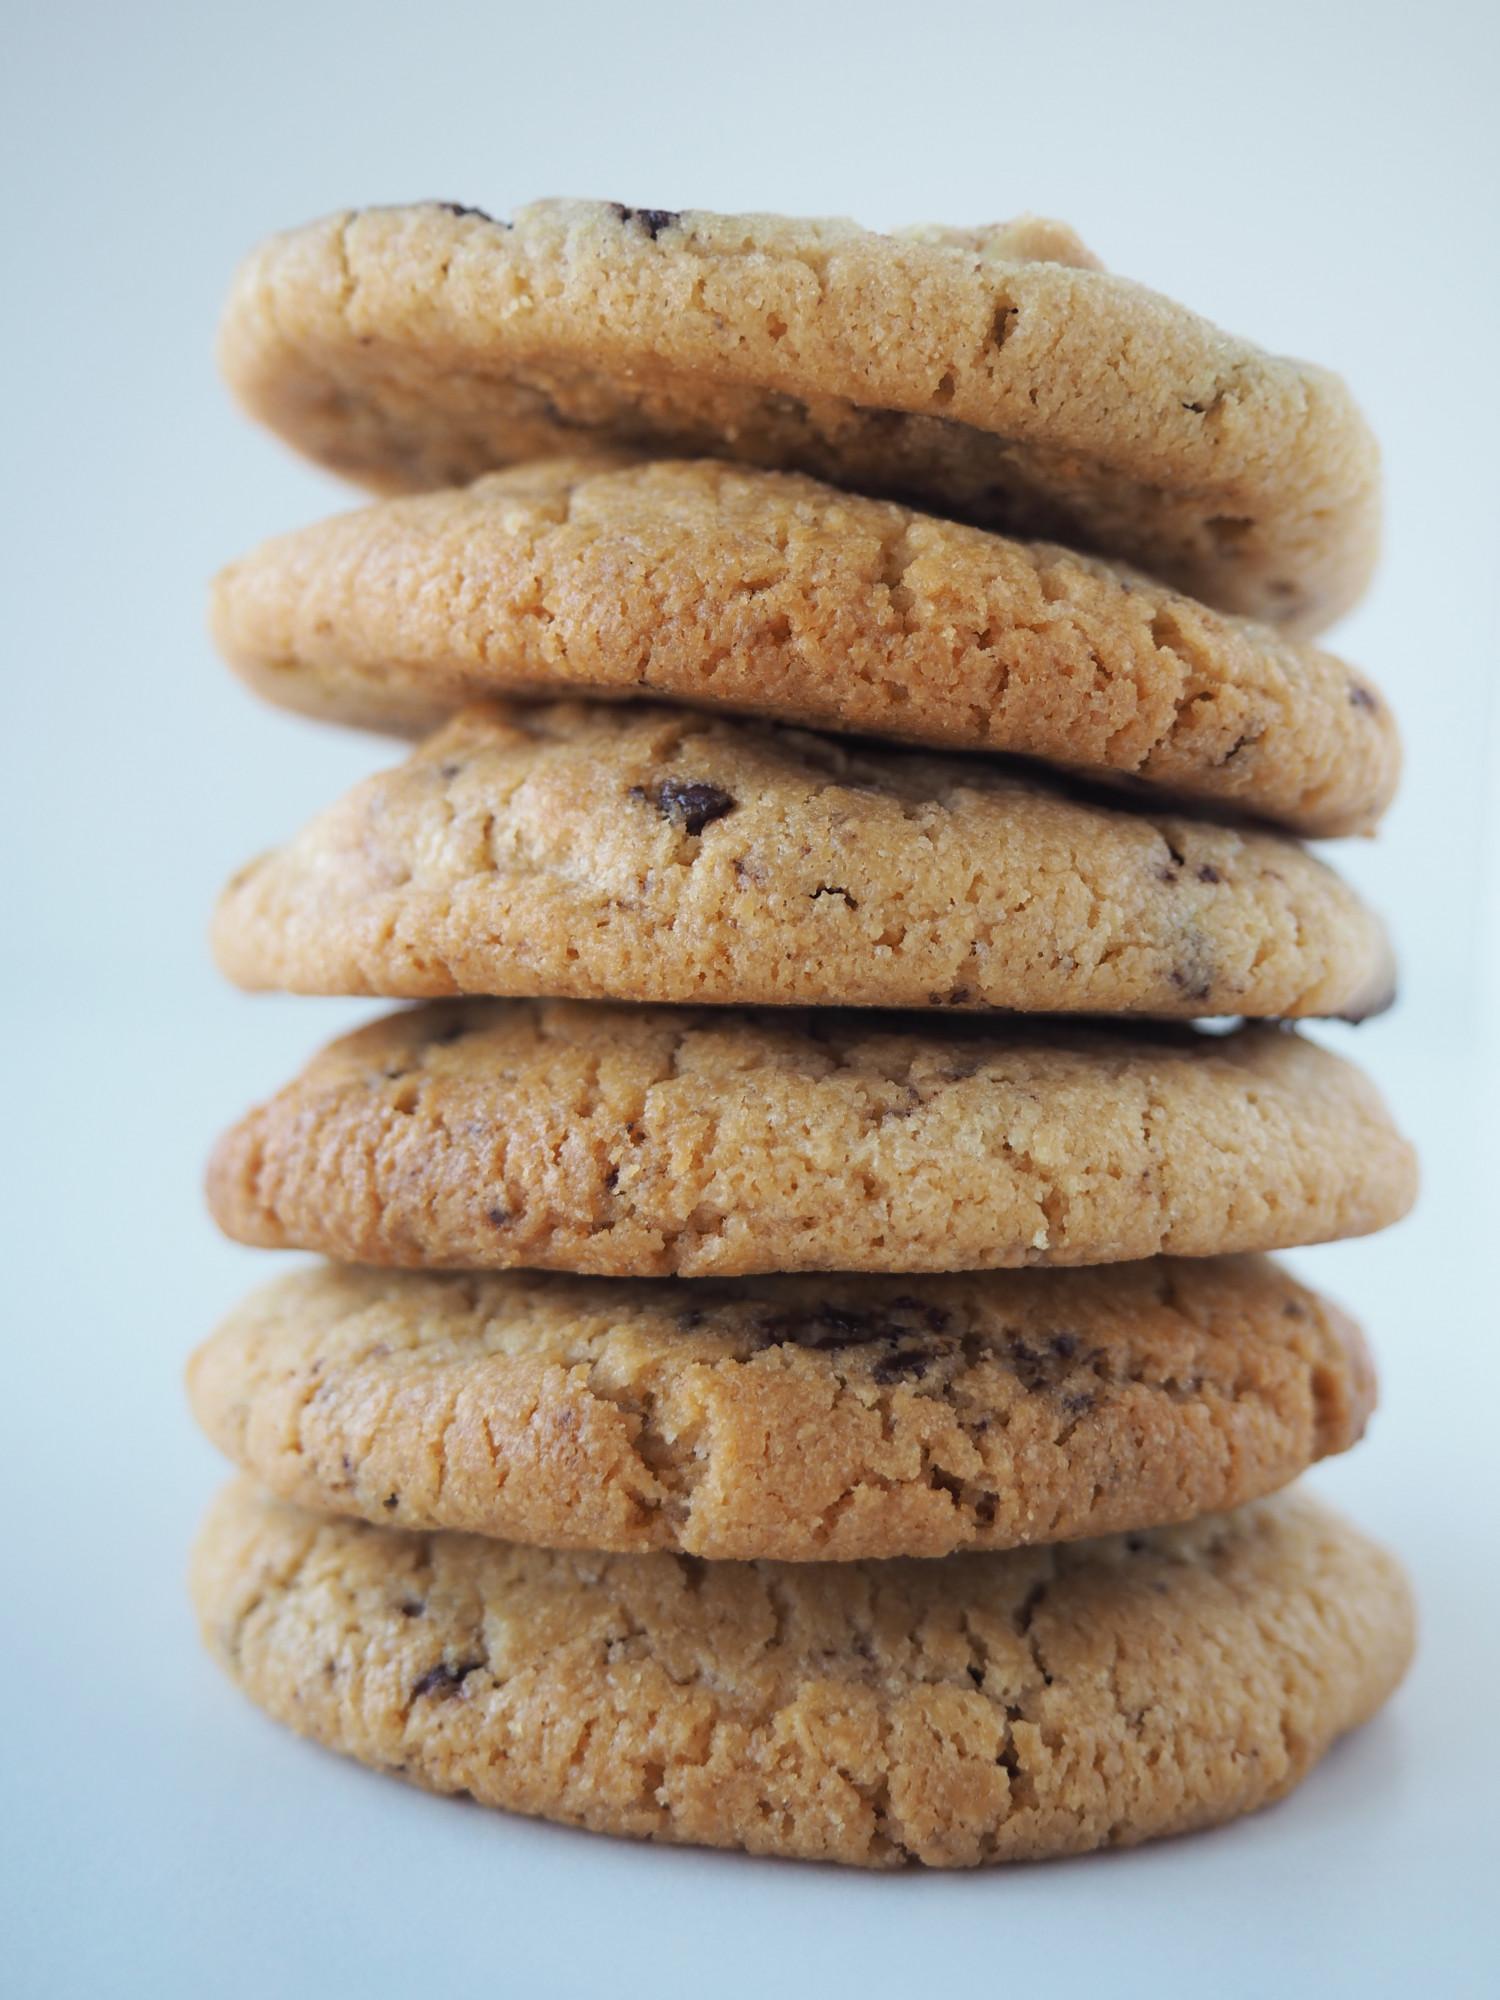 Cookies med peanutbutter, peanuts og mørk chokolade af Rebekka Mikkelsen